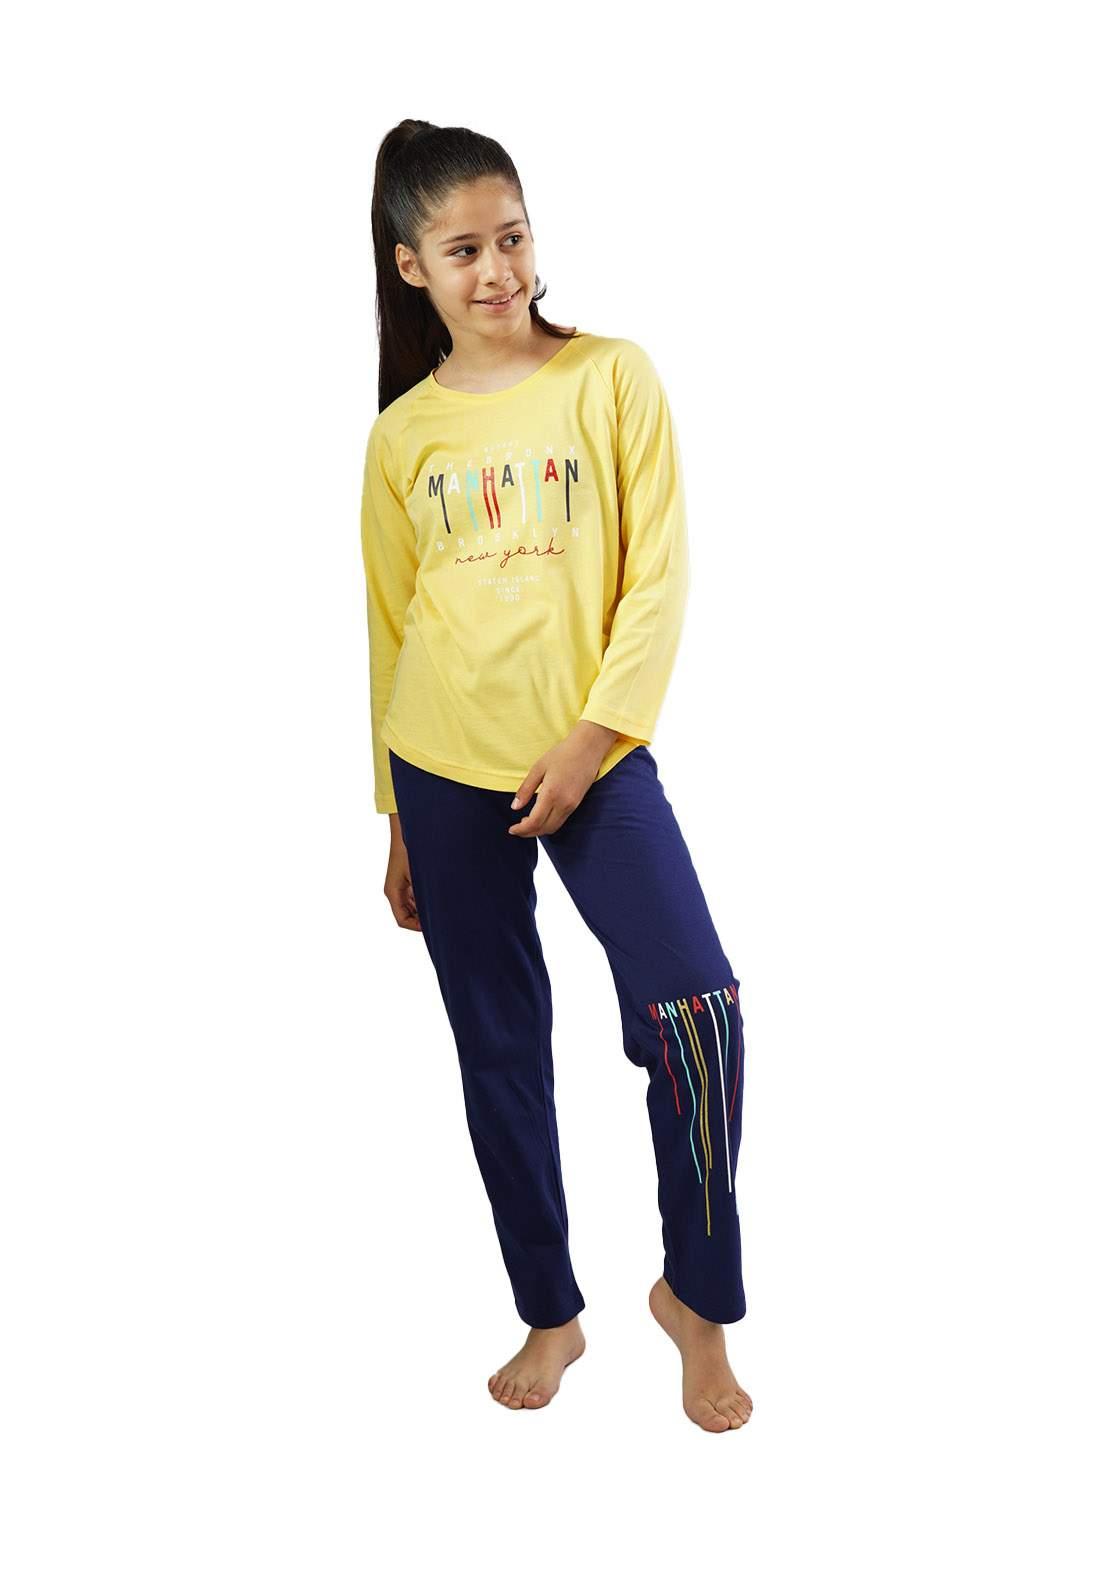 Enki 104361 سيت بجامة بناتي أصفر وأزرق أللون